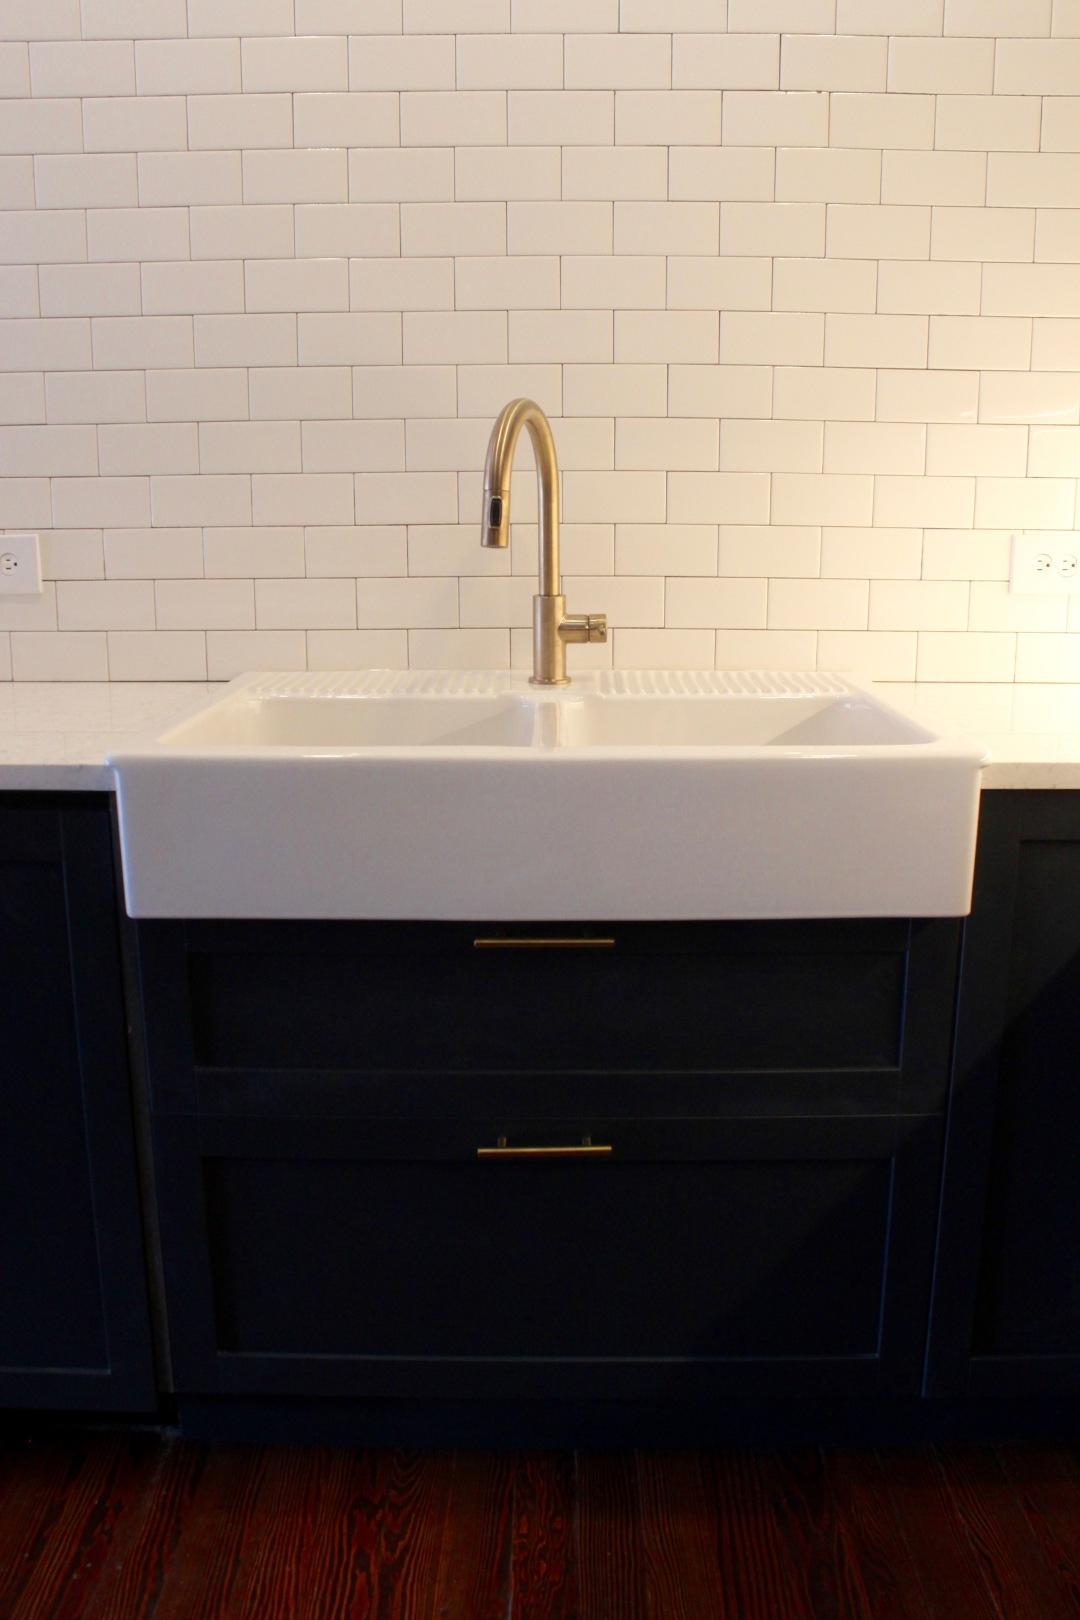 Kitchen_sink